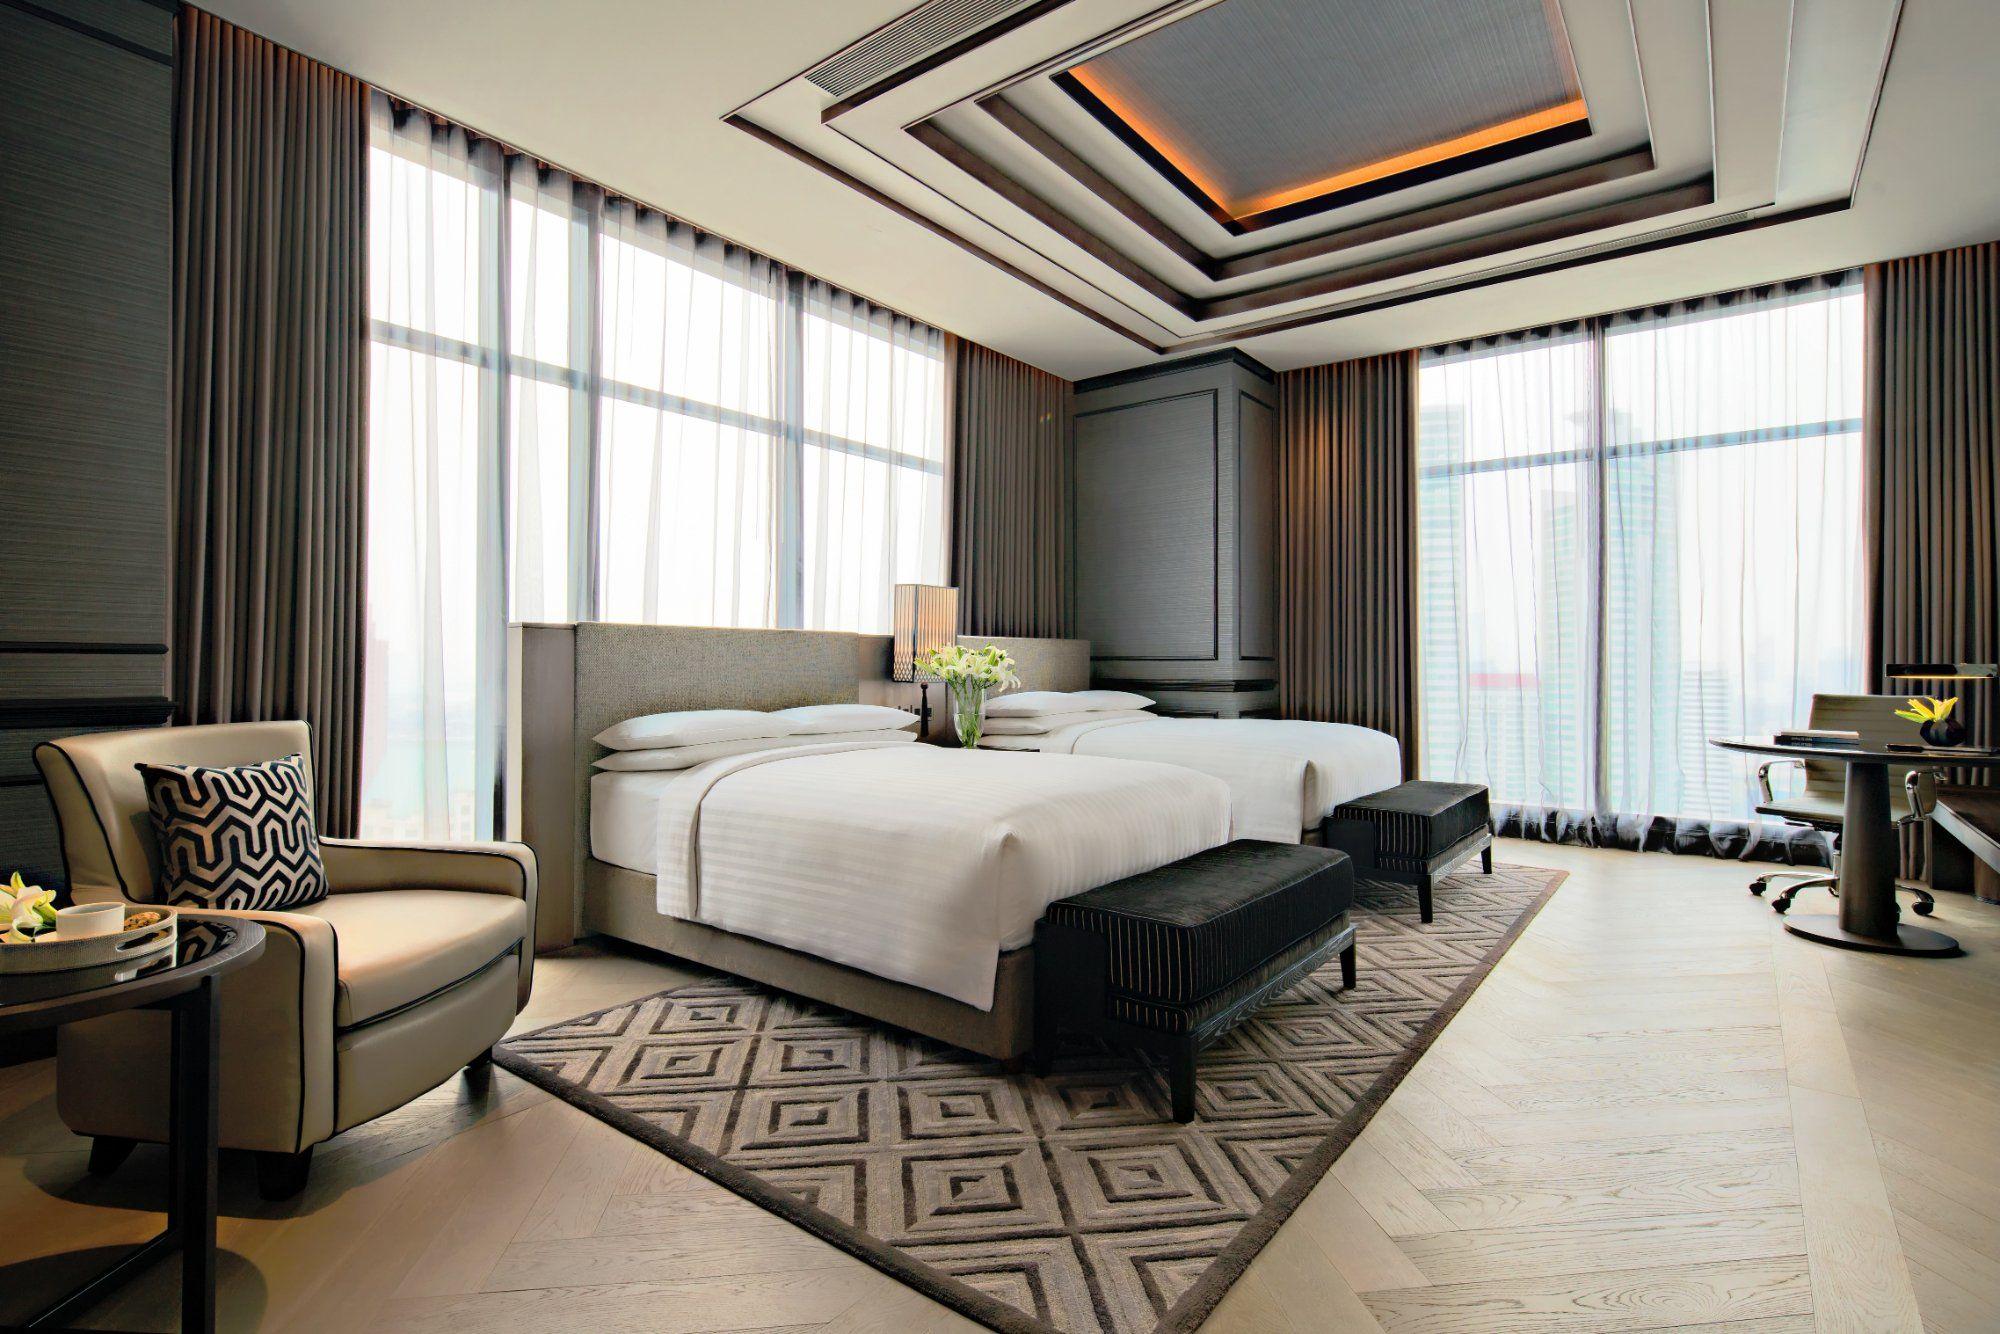 BANGKOK MARRIOTT MARQUIS QUEEN'S PARK: UPDATED 2018 Hotel